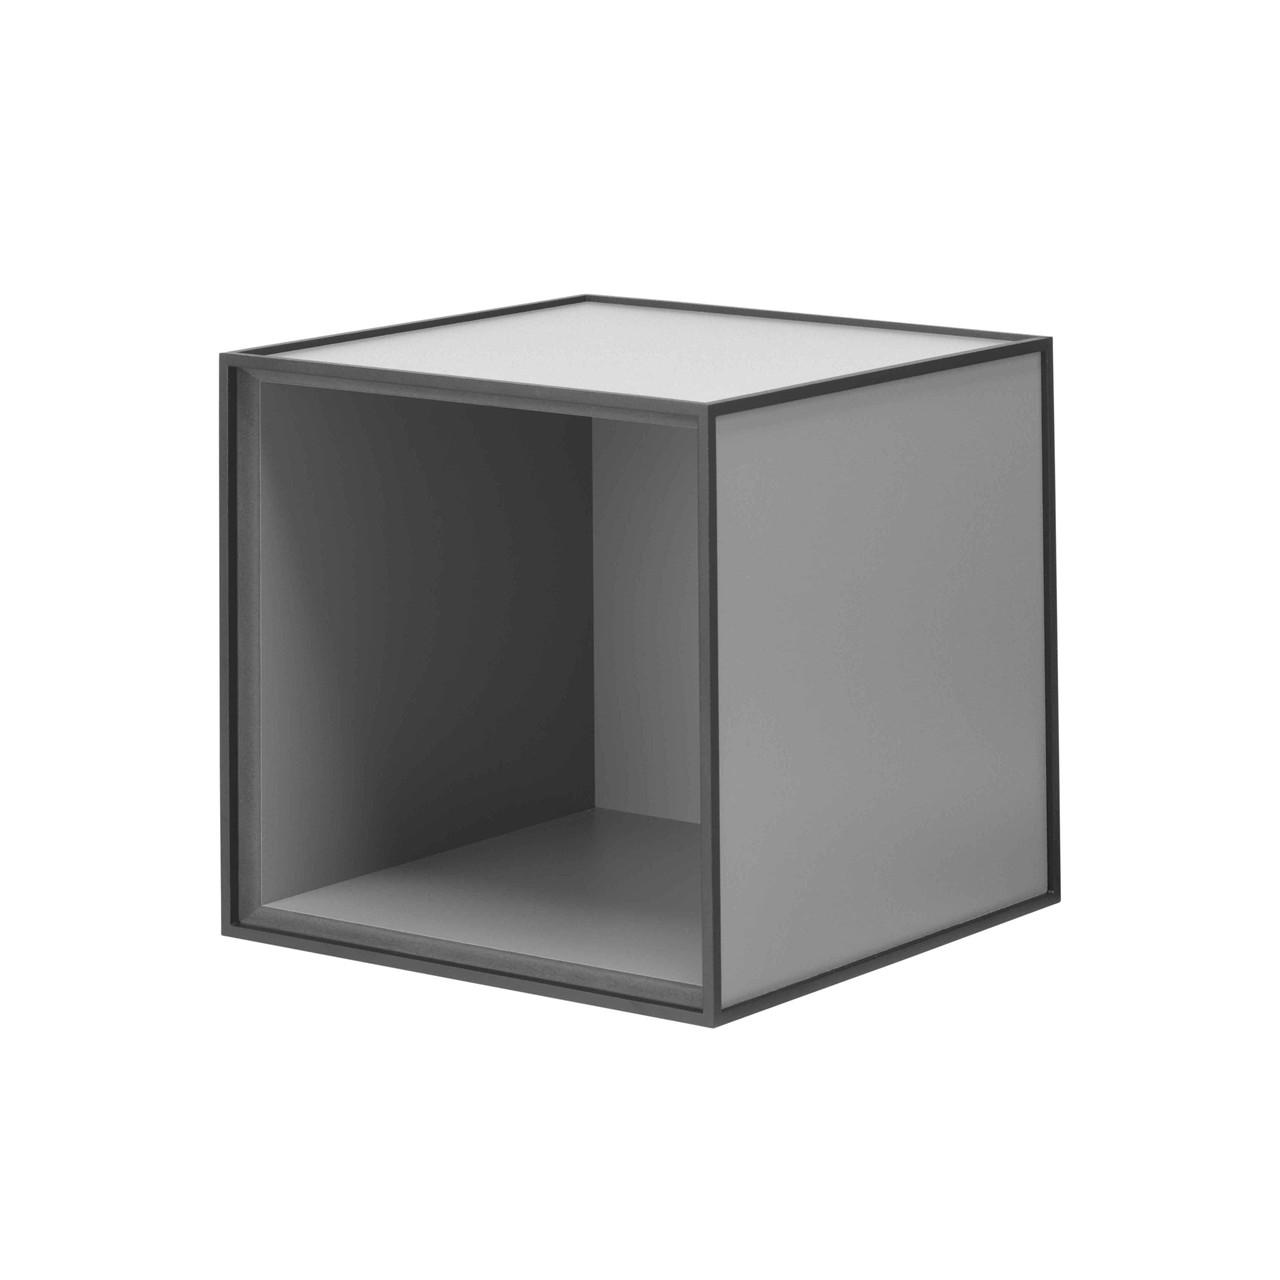 By Lassen Frame 28 – pris 1429.00